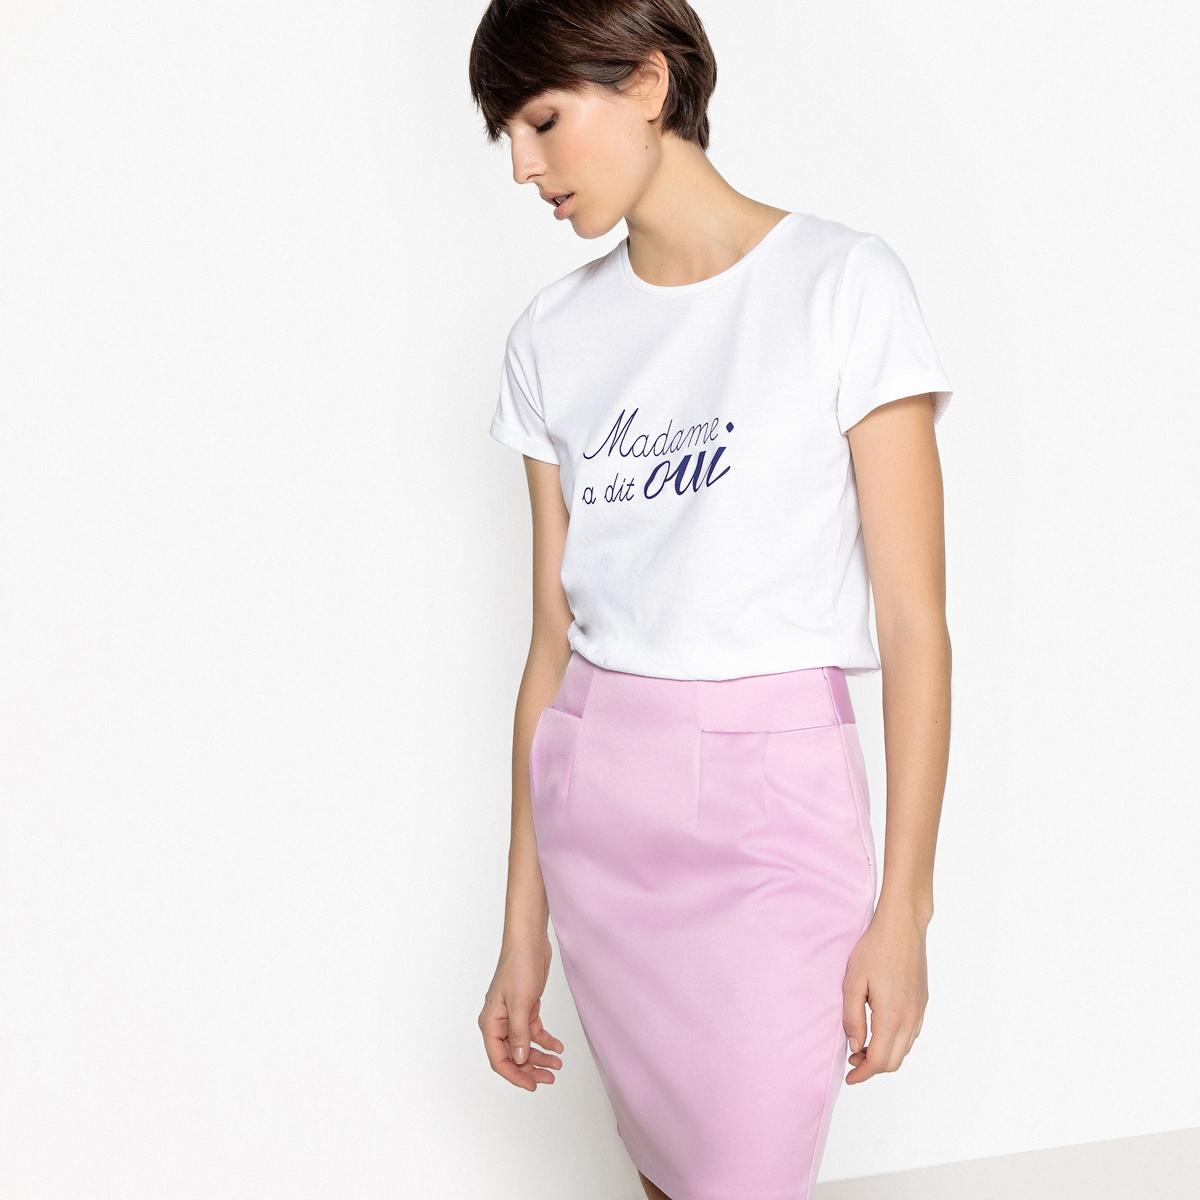 T-shirt com mensagem, gola redonda, mangas curtas